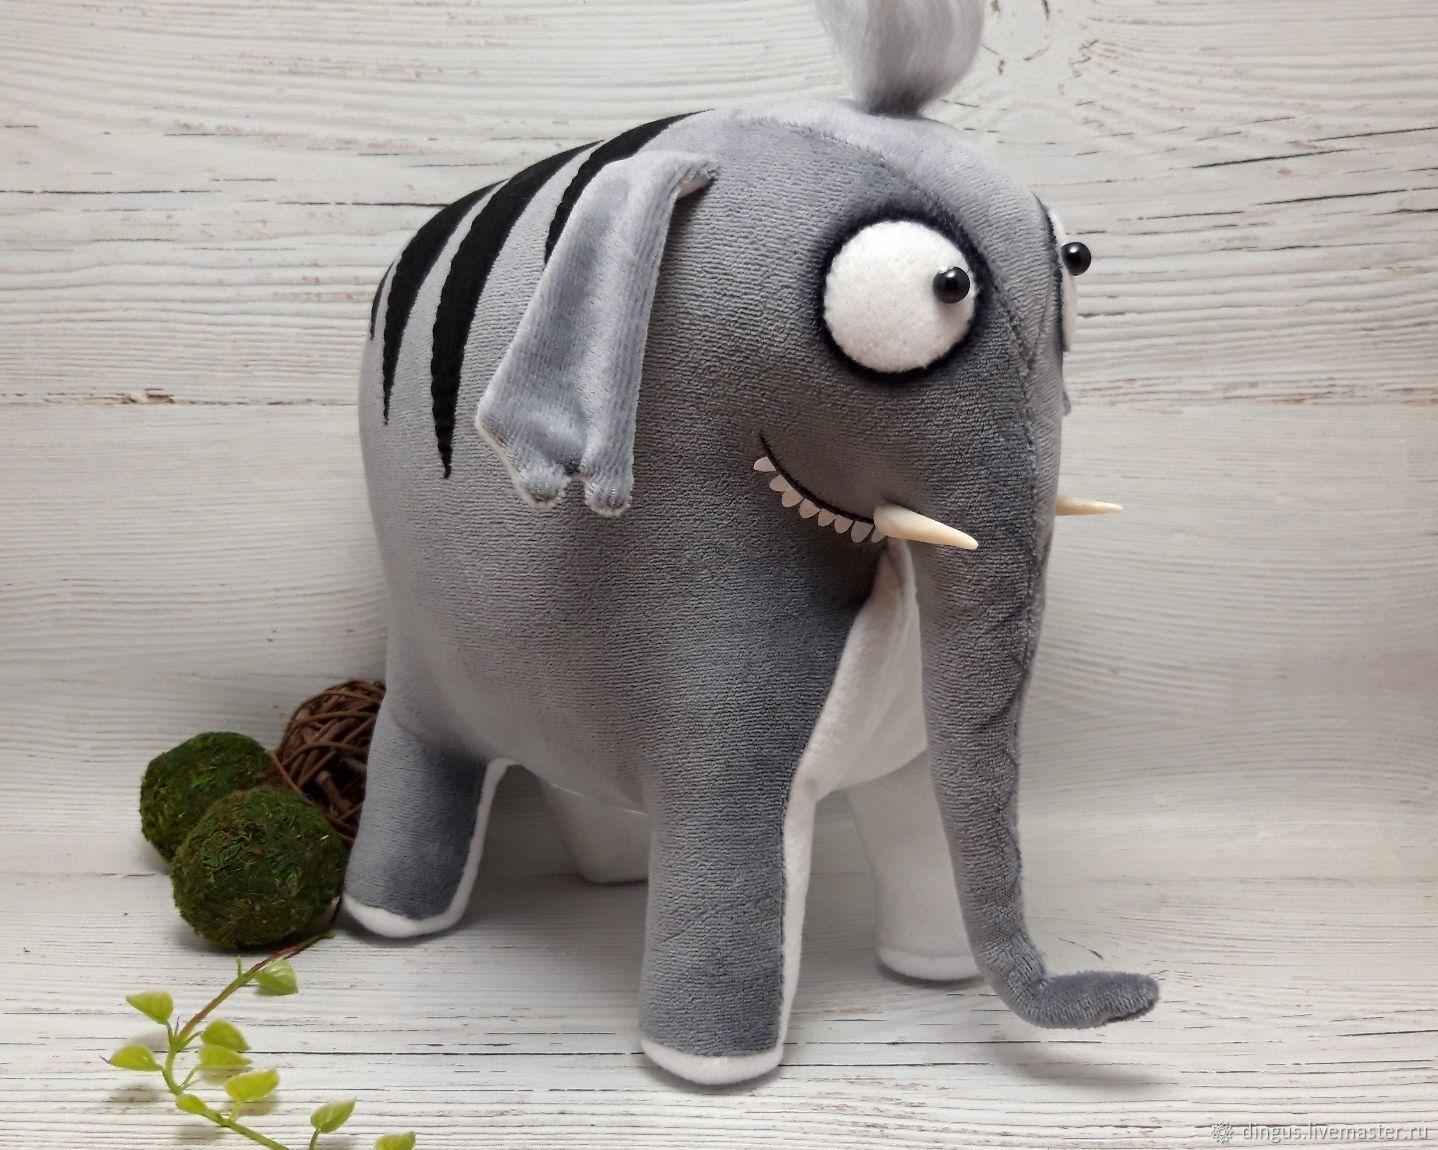 Слон редкий полосатый, мягкая игрушка серый слон, Мягкие игрушки, Москва,  Фото №1